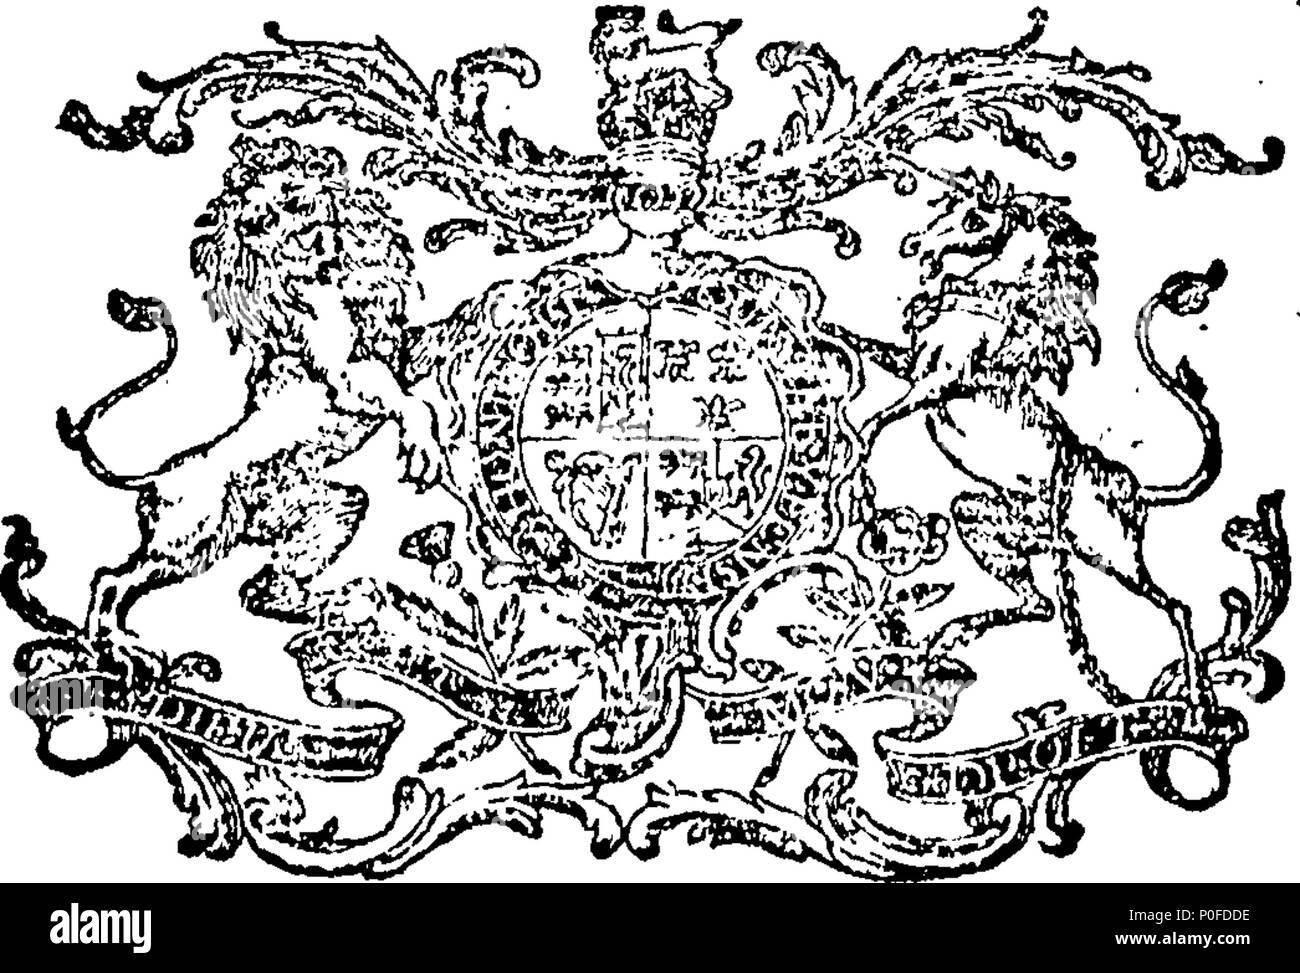 . Anglais: Fleuron du livre: lois et de statuts, faite à une session du Parlement européen à Dublin, commencé le dixième jour de janvier, Anno Domini, 1793, dans la 33e année du règne de notre souverain le plus gracieux seigneur le roi George le troisième: Avant Son Excellence John Fane, comte de Westmorland, Lord Lieutenant Général et gouverneur général de l'Irlande. Étant la quatrième session de la cinquième législature, sous le règne de Sa Majesté. Lois et statuts 260 Fleuron T127037-2 Banque D'Images